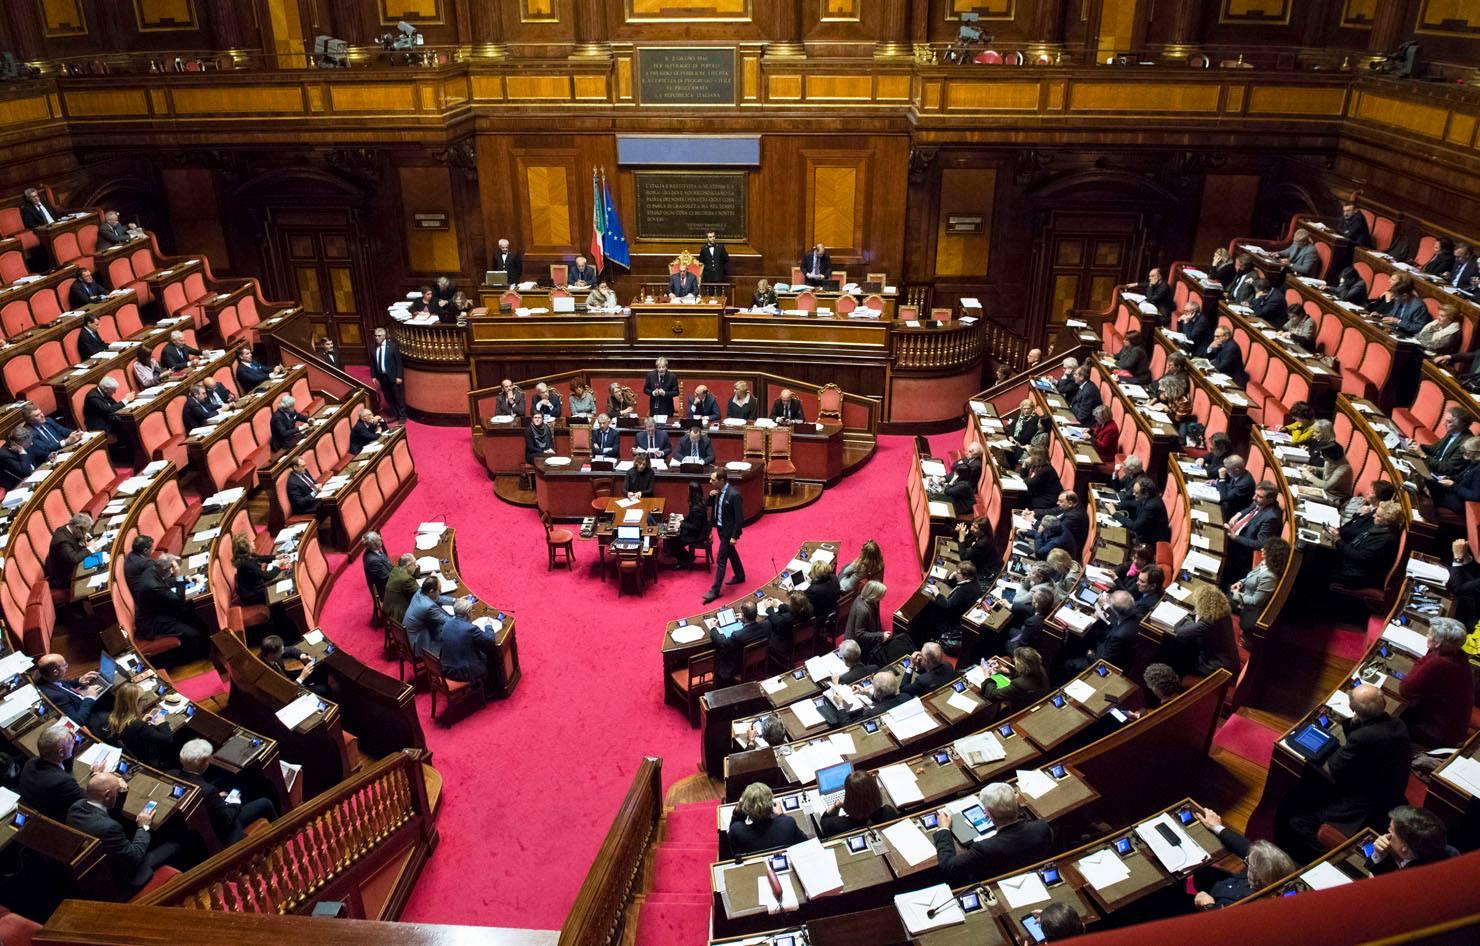 Популизм итальянского правительства может привести к конфликту внутри ЕС